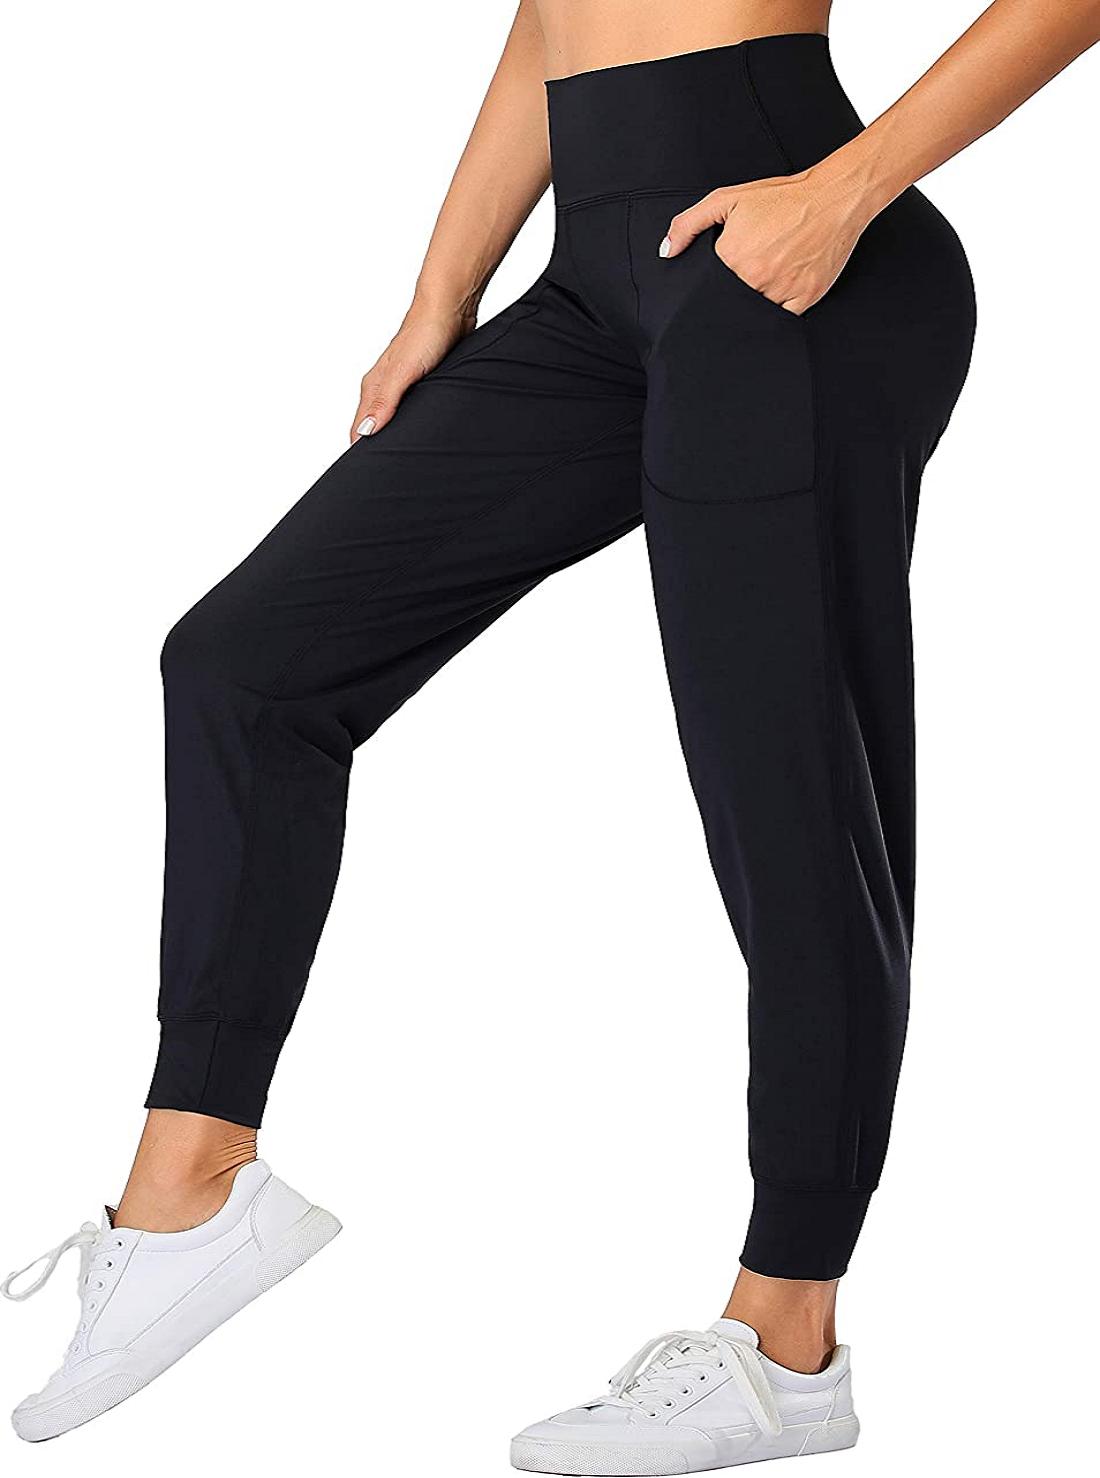 1 Women's Jogger Gym Pants